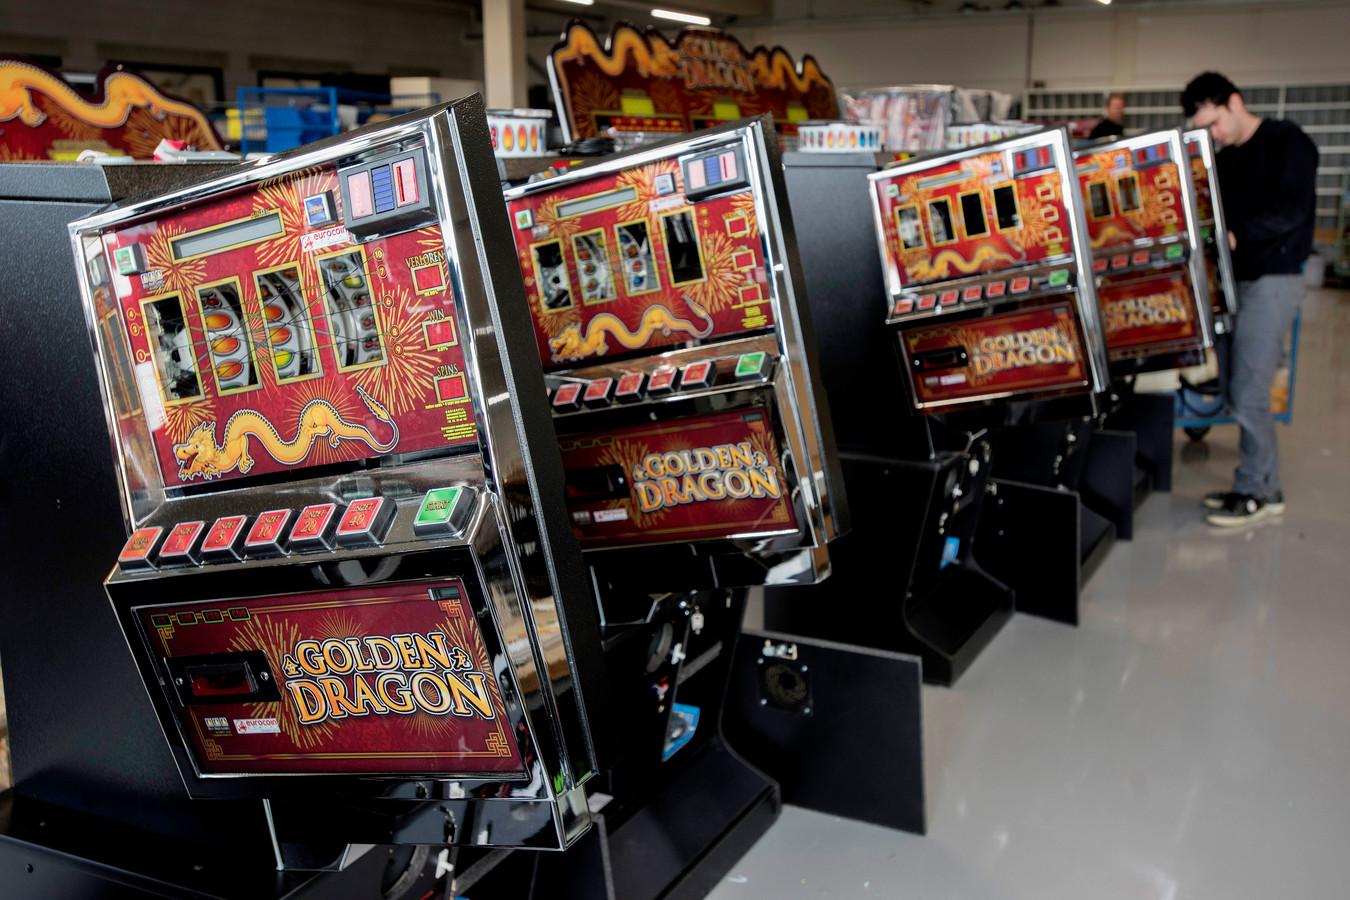 Speelautomaten.